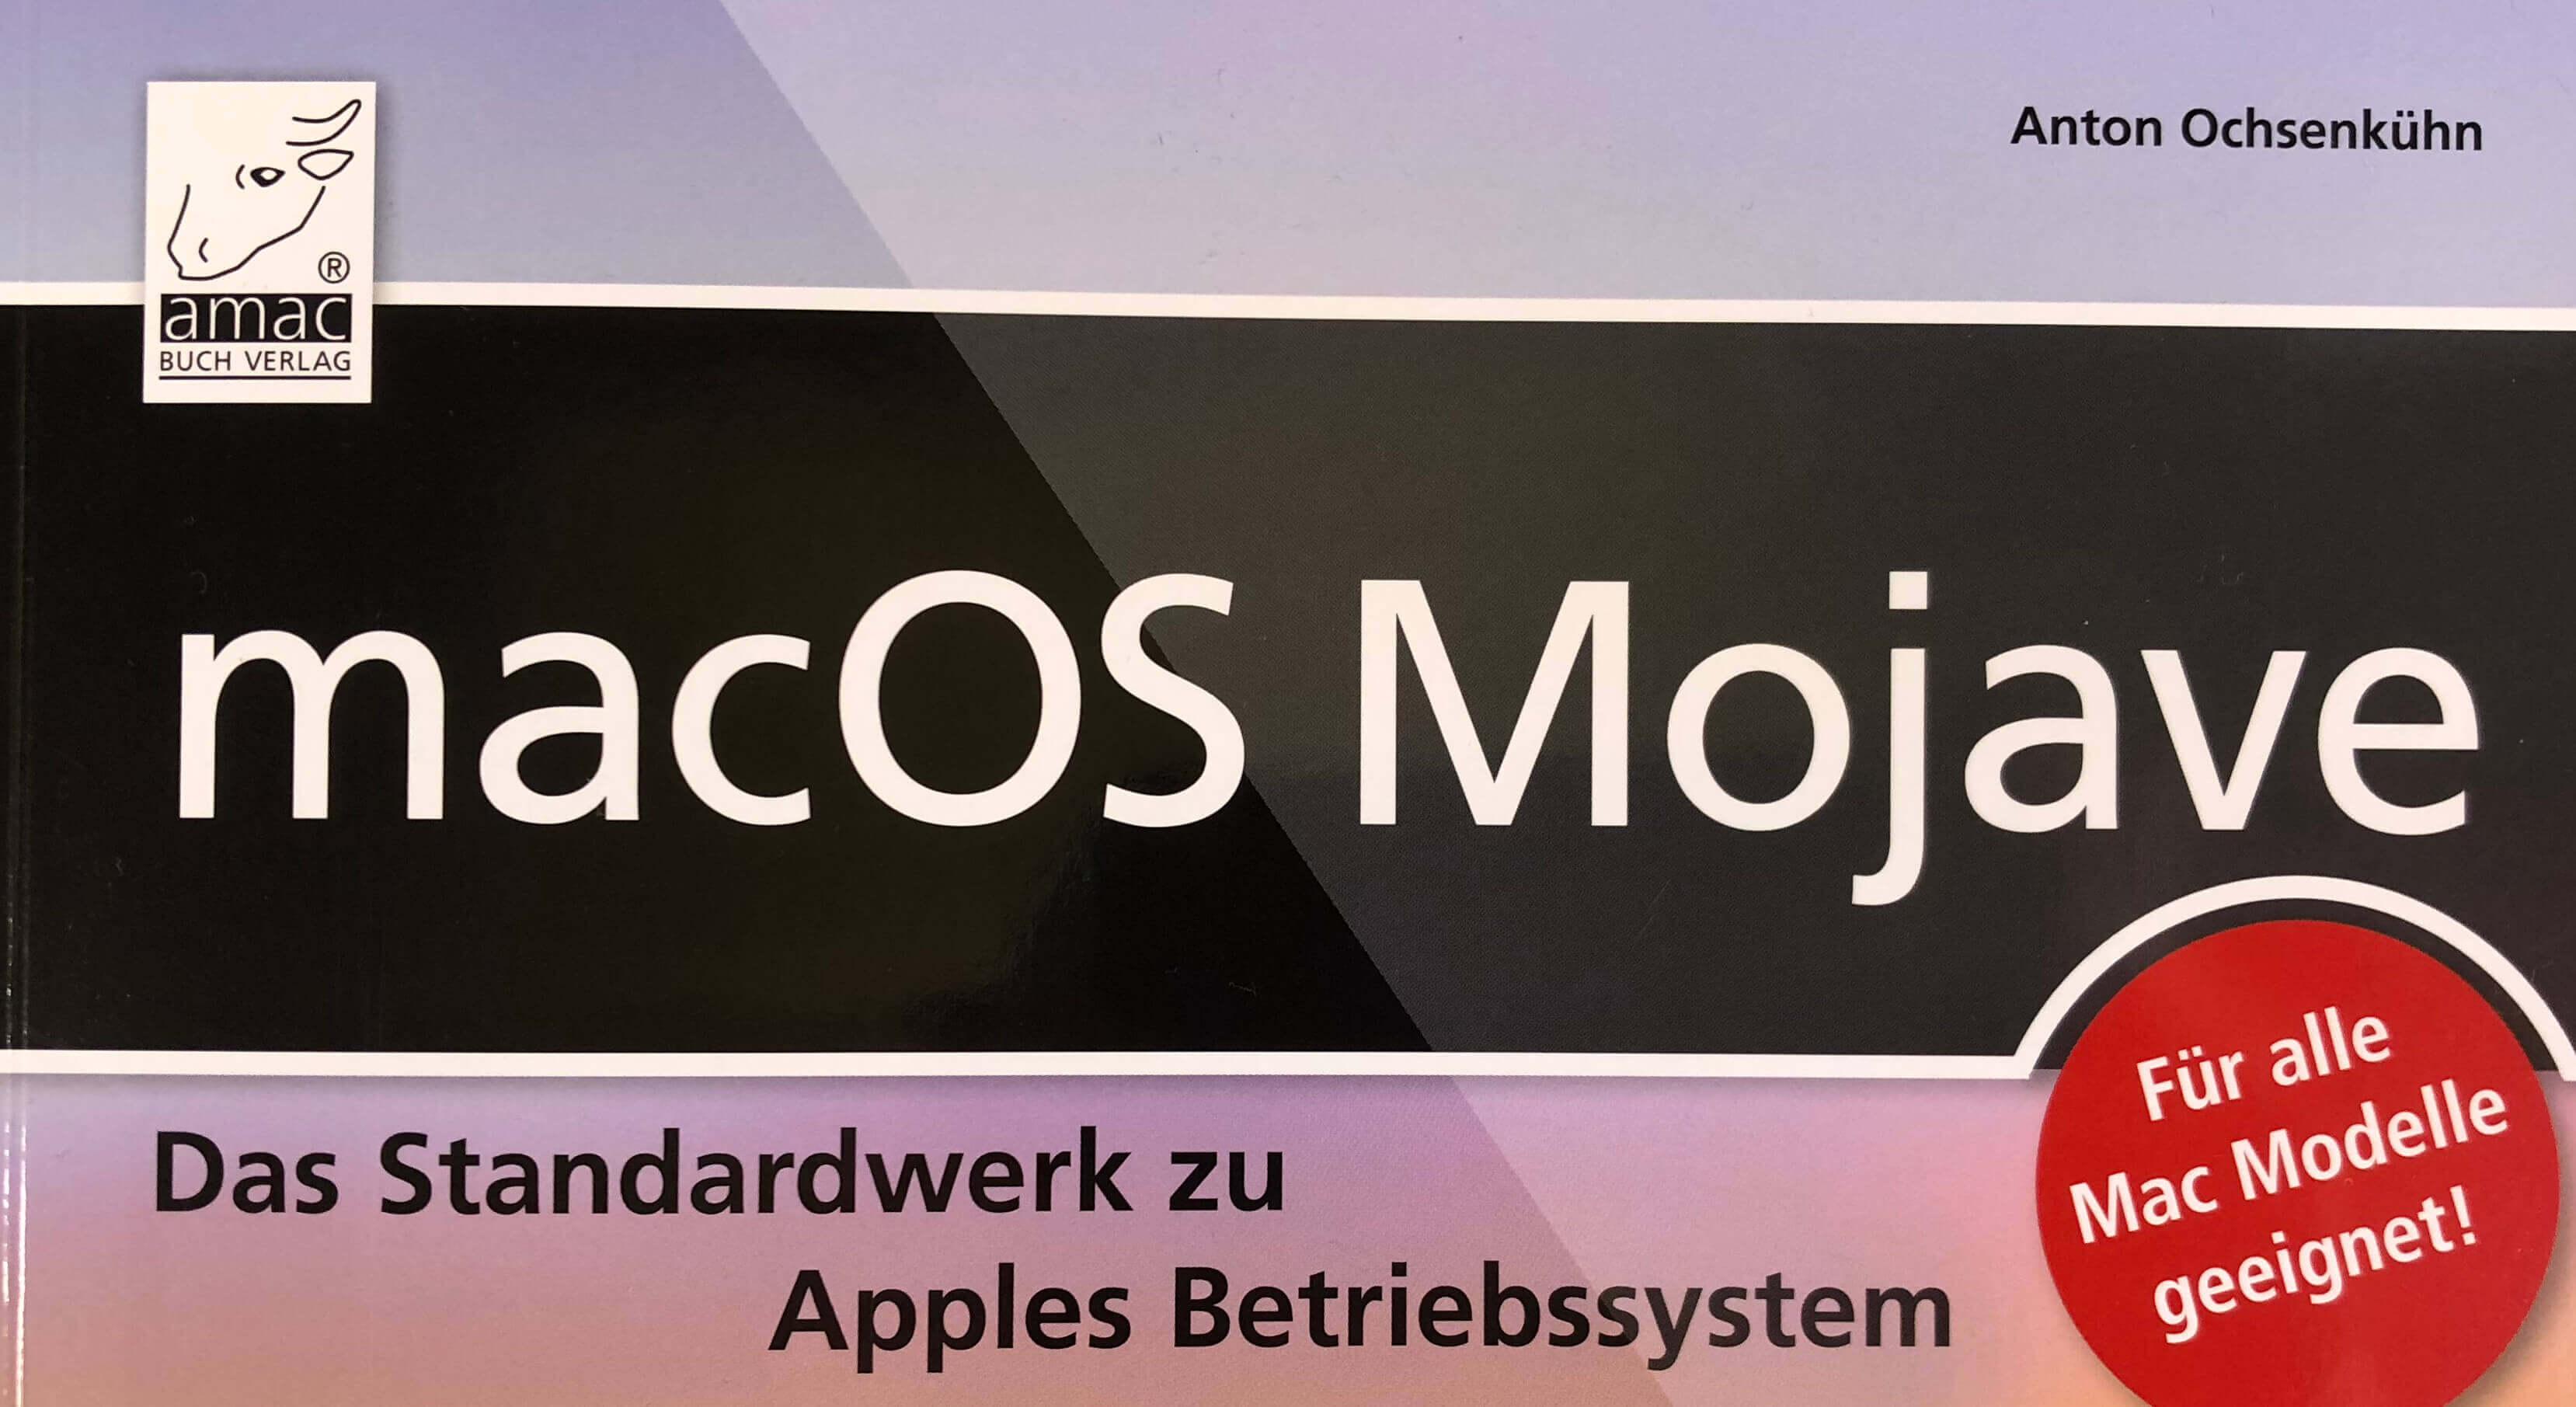 Das Cover sagt schon, was ich auch denke: EIn Standardwerk, das wirklich bei allen Macs mit Mojave dabei liegen sollte.